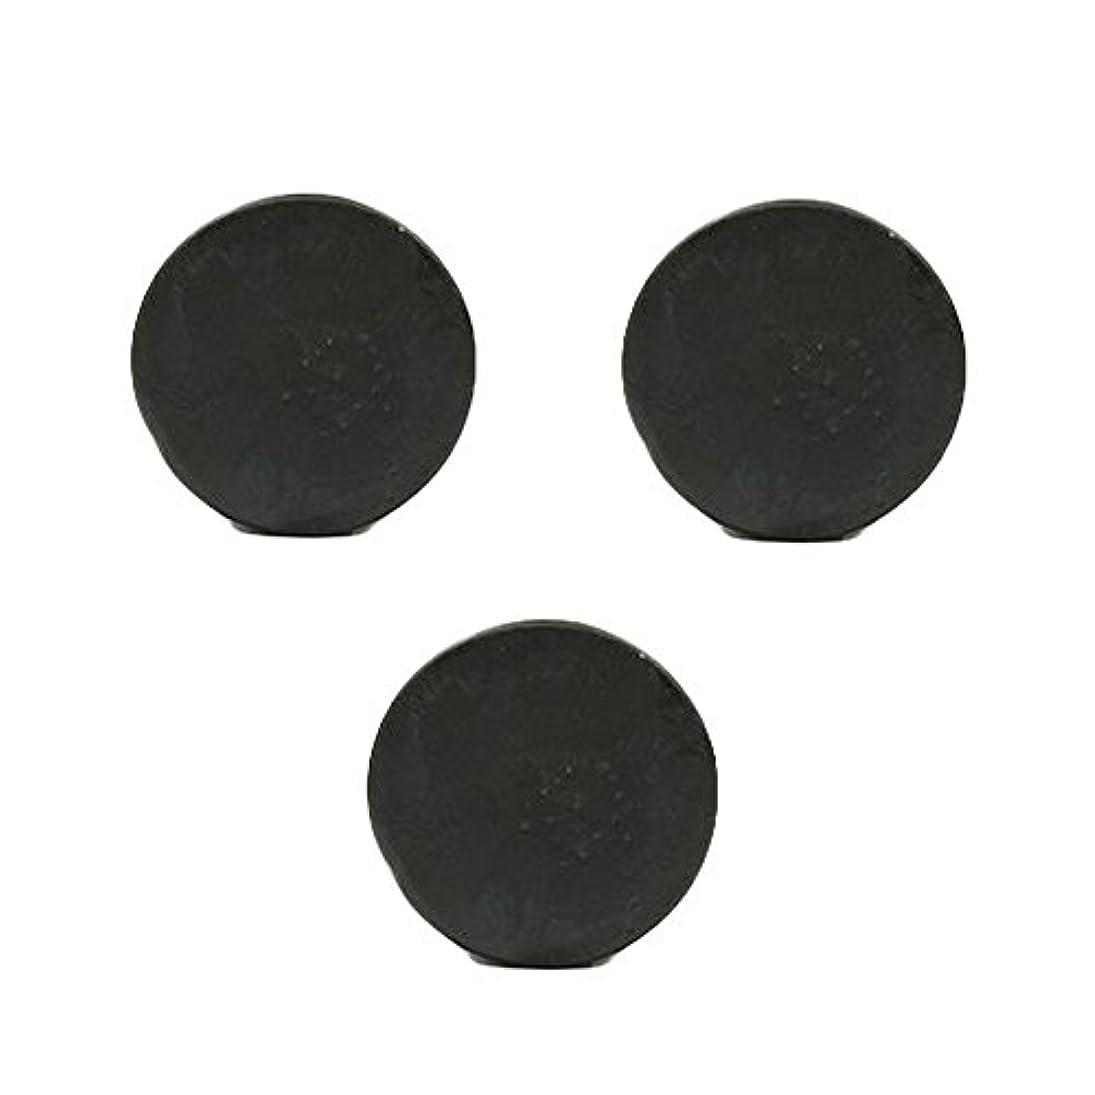 相反するメキシコ完全に薬用人参クレンジングソープ3個 / Fermented Dark Black Ginseng Cleansing Soap 3pcs[海外直送品] [並行輸入品]